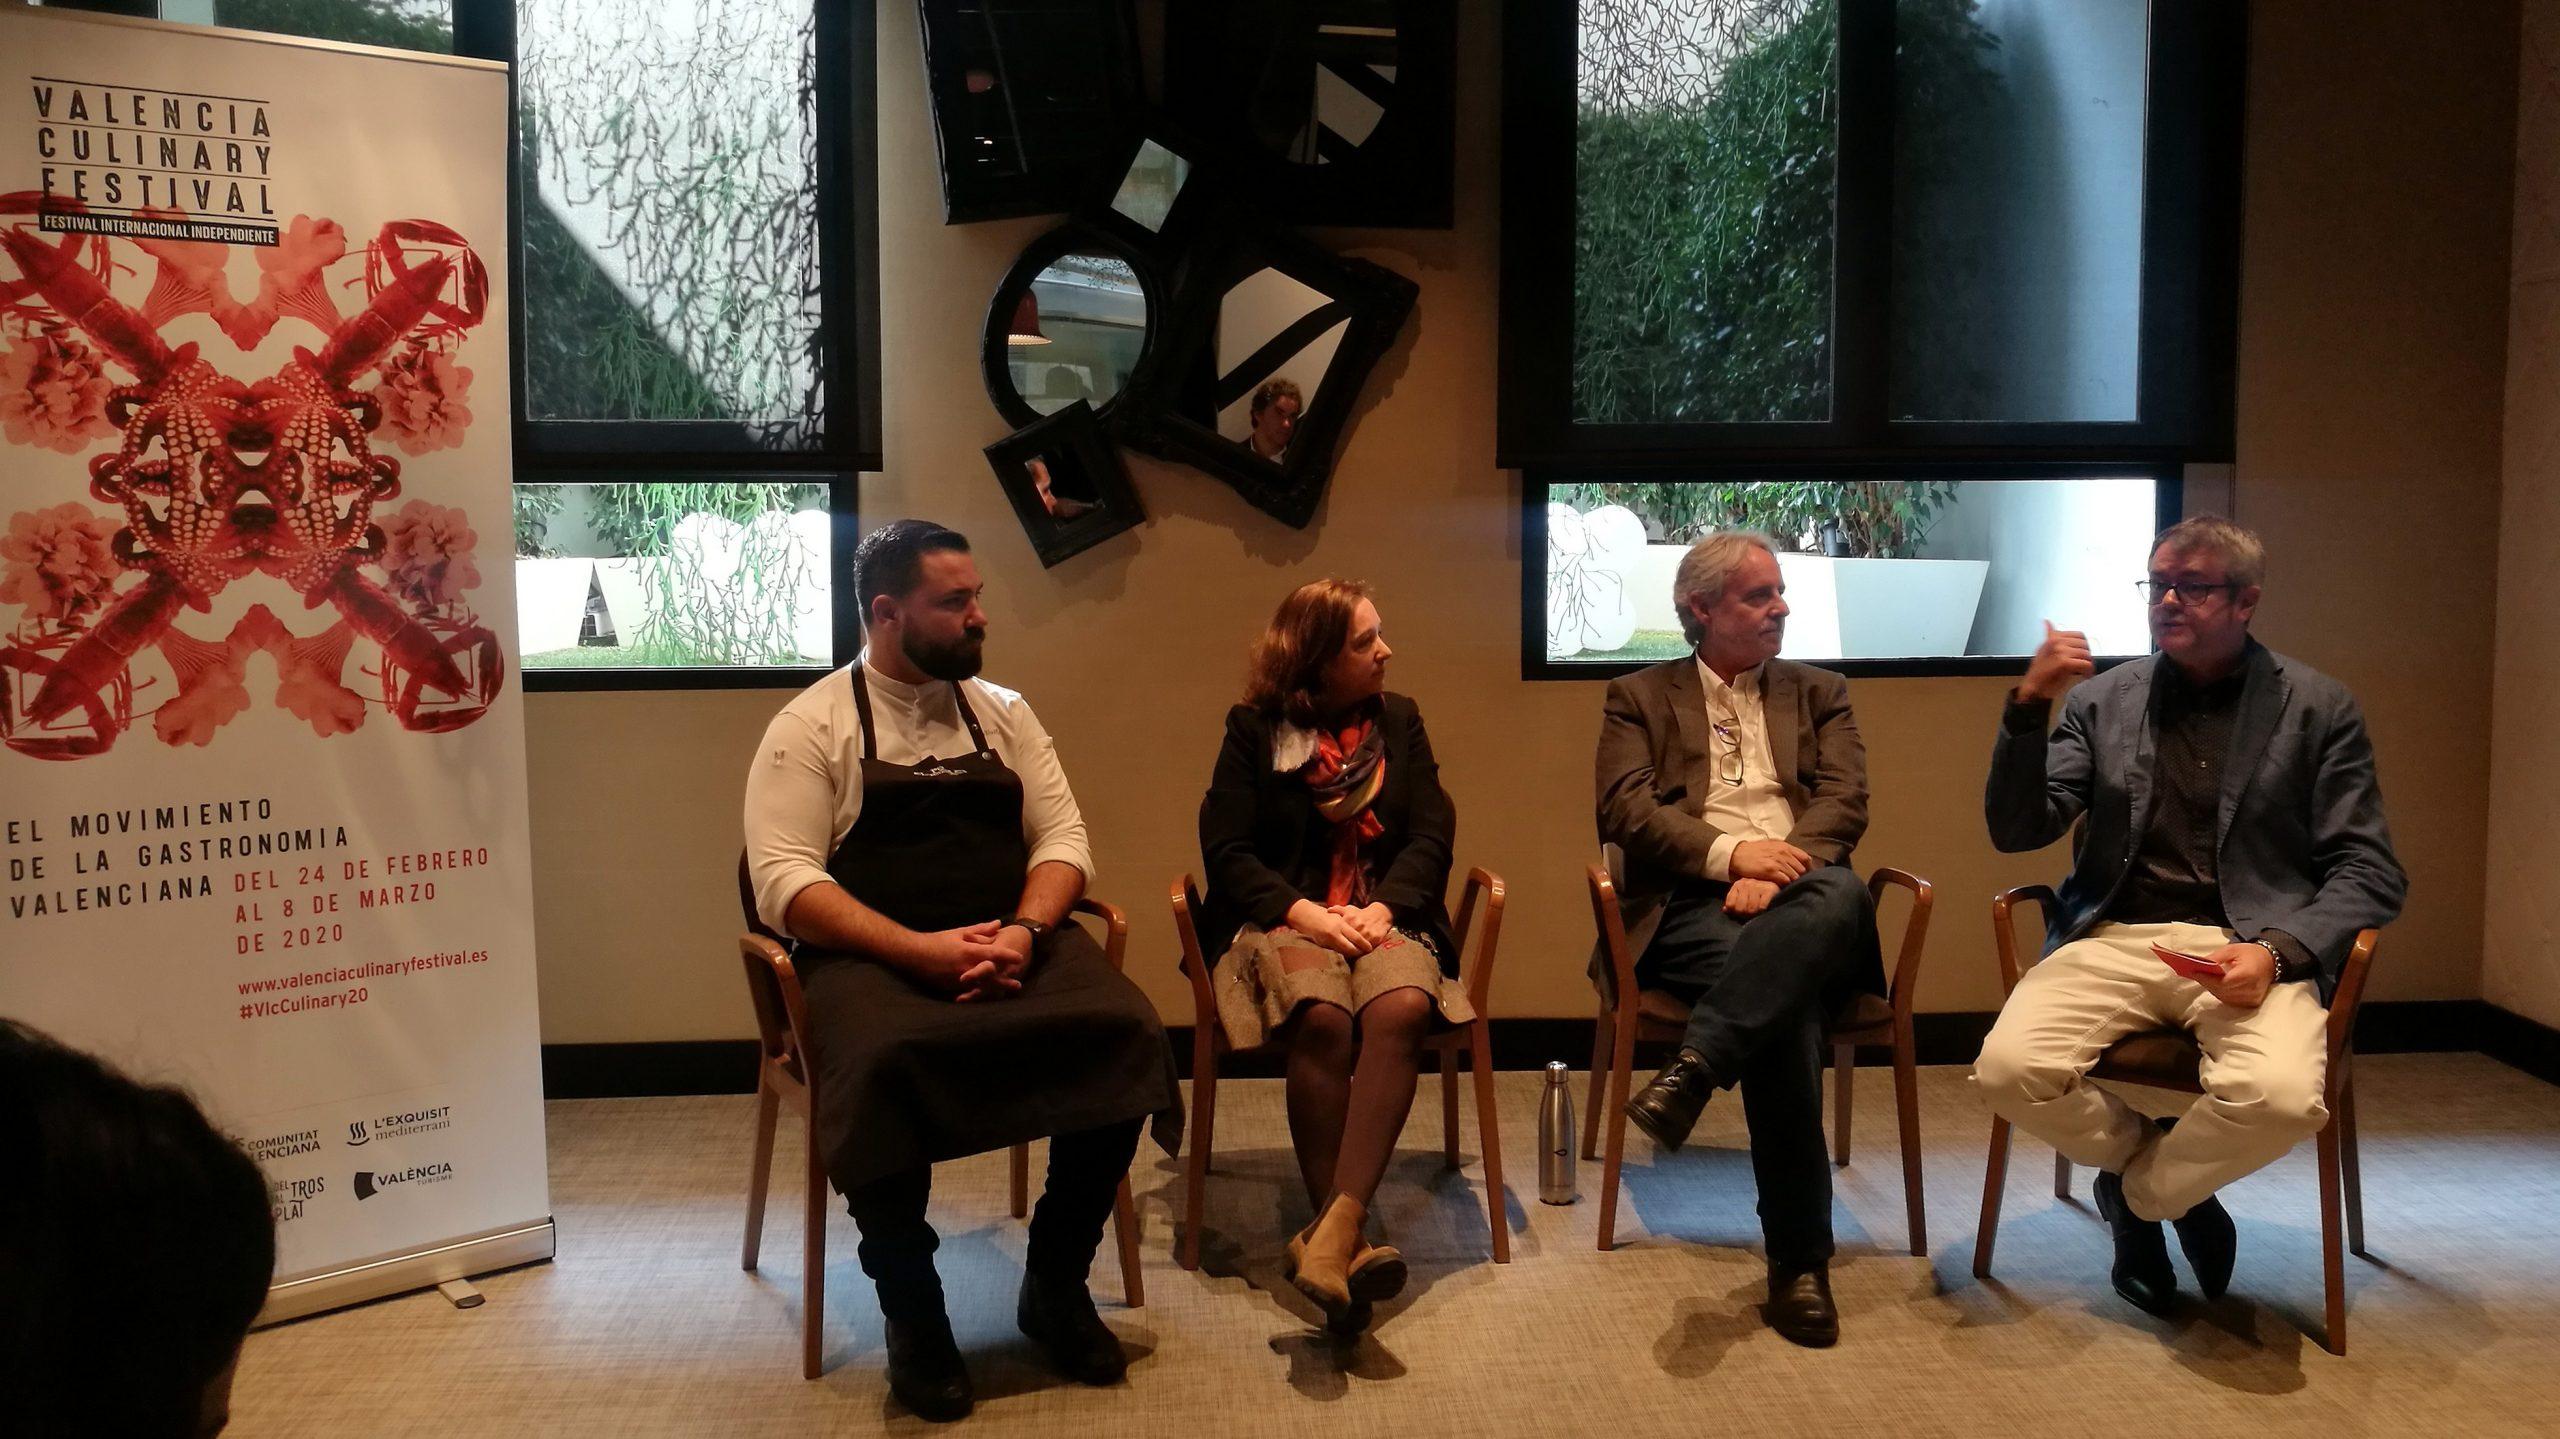 Esta mañana en la presentación de la nueva edición de Valencia Culinary Festival